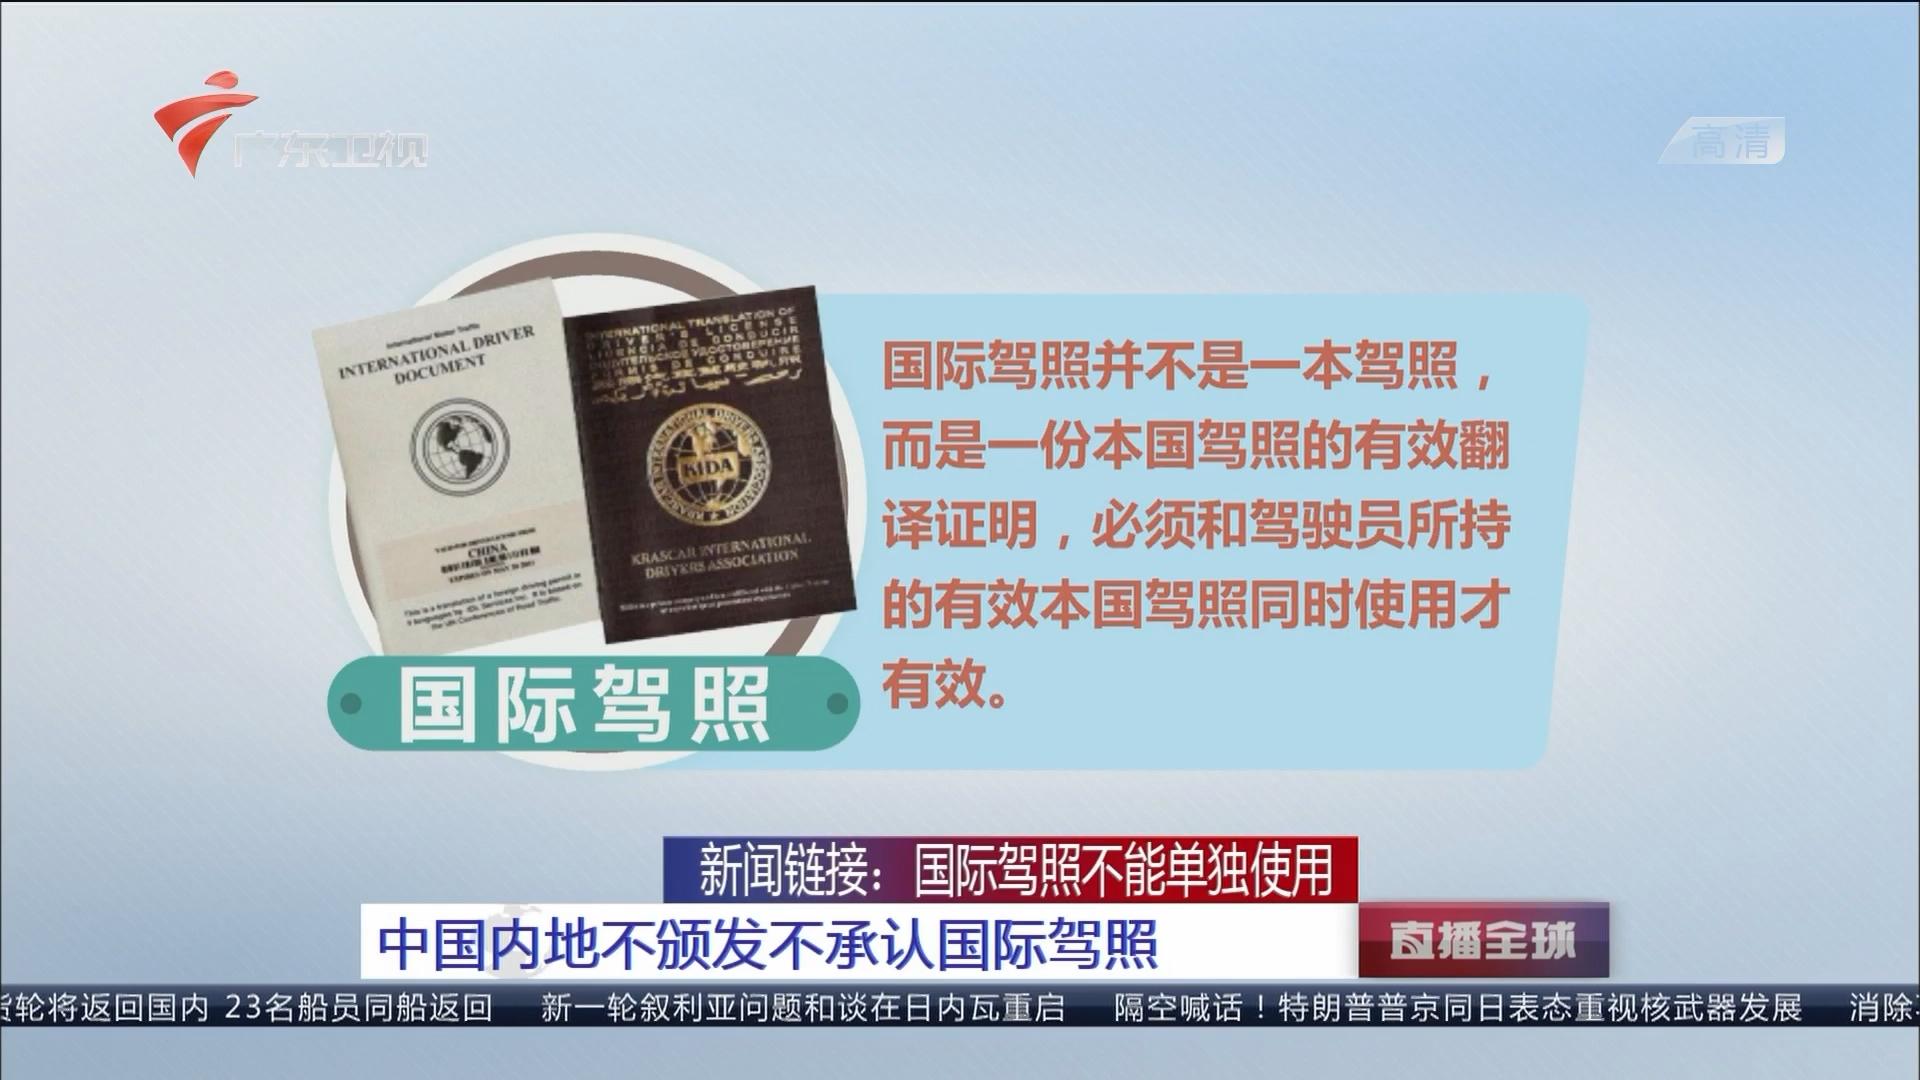 新闻链接:国际驾照不能单独使用 中国内地不颁发不承认国际驾照